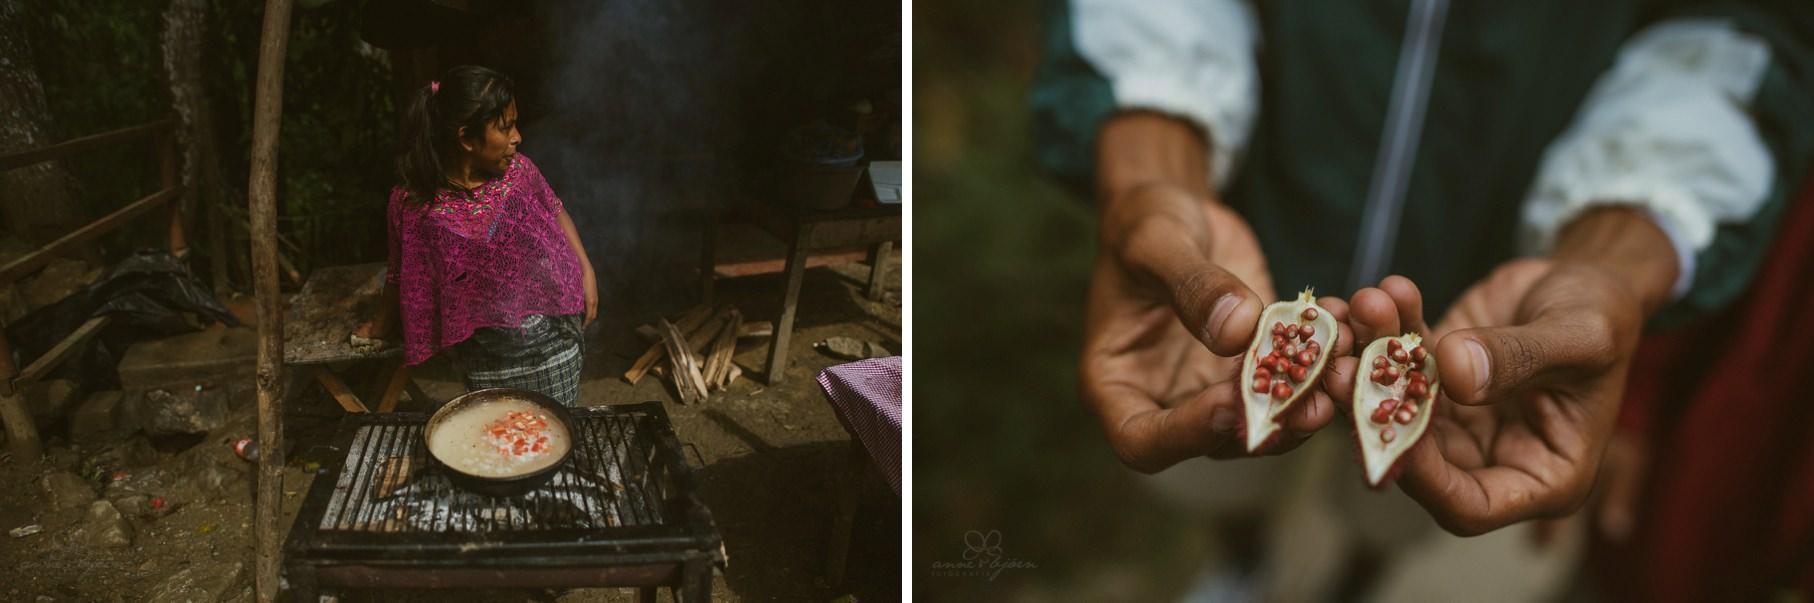 0183 anne und bjoern guatemala 811 3835 - 4 Wochen durch Guatemala - backpacking durch Mittelamerika